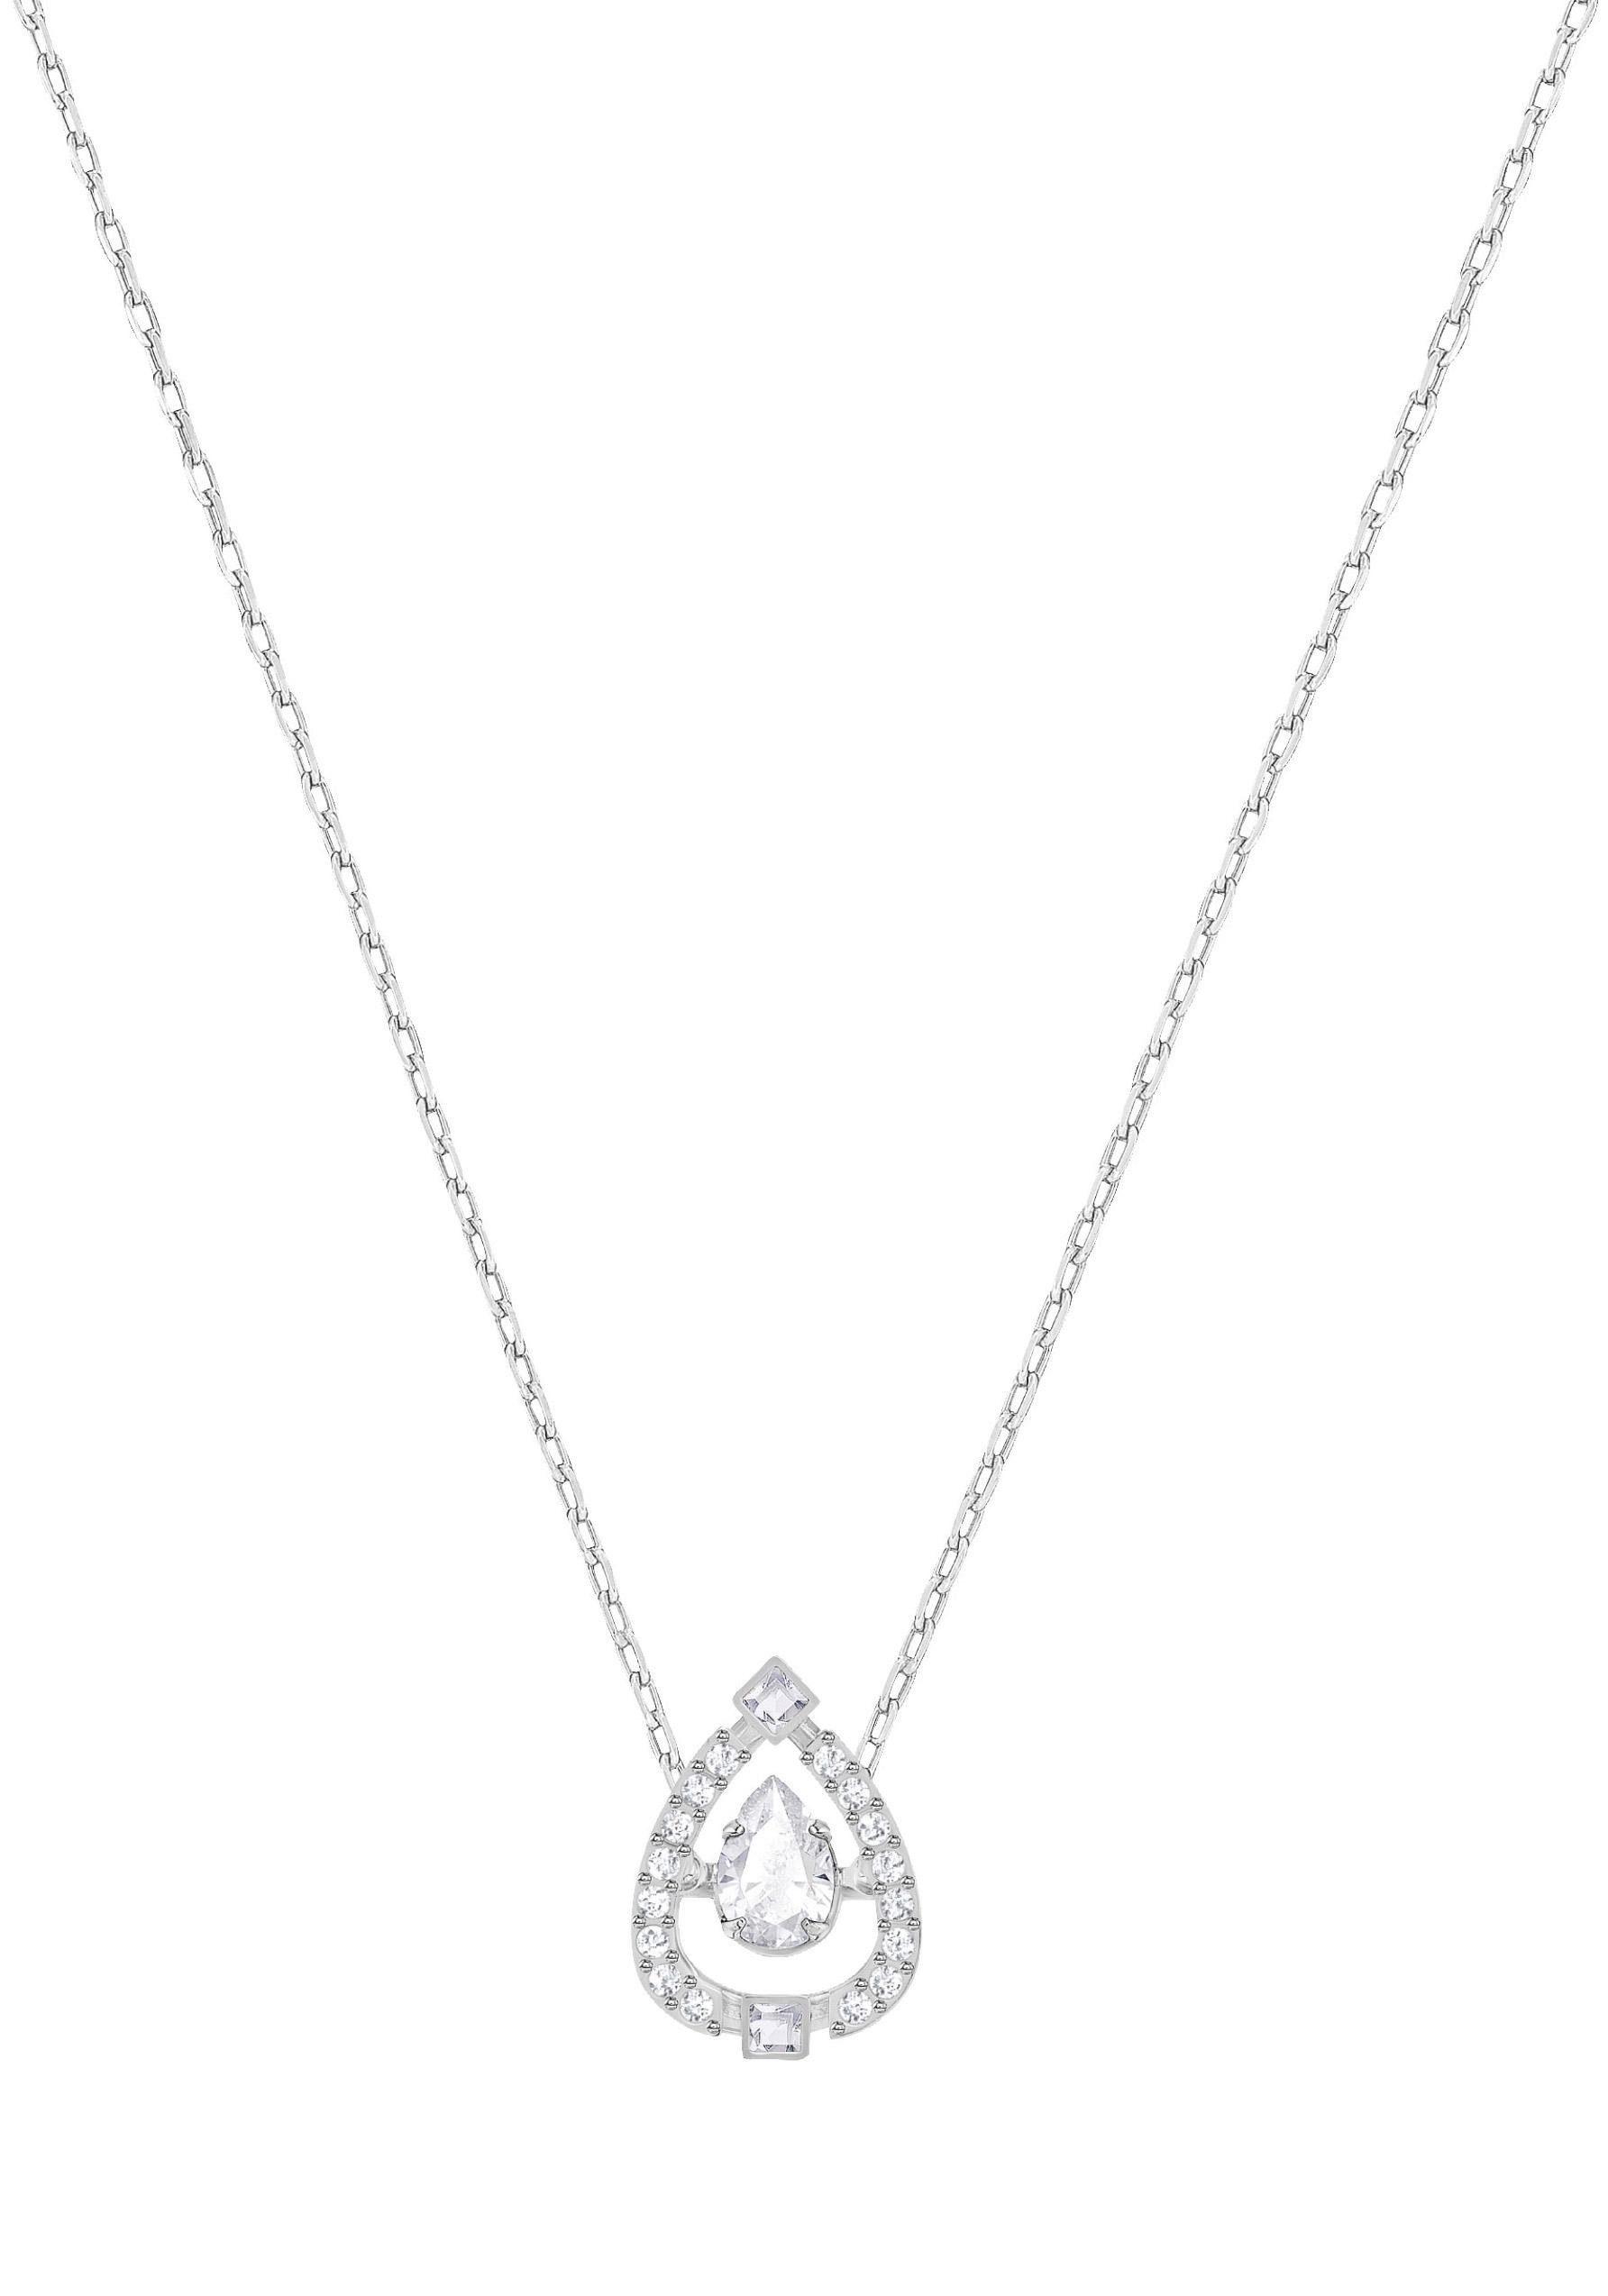 Swarovski Kette mit Anhänger »Sparkling Dance Flower, 5451992« mit Swarovski® Kristallen